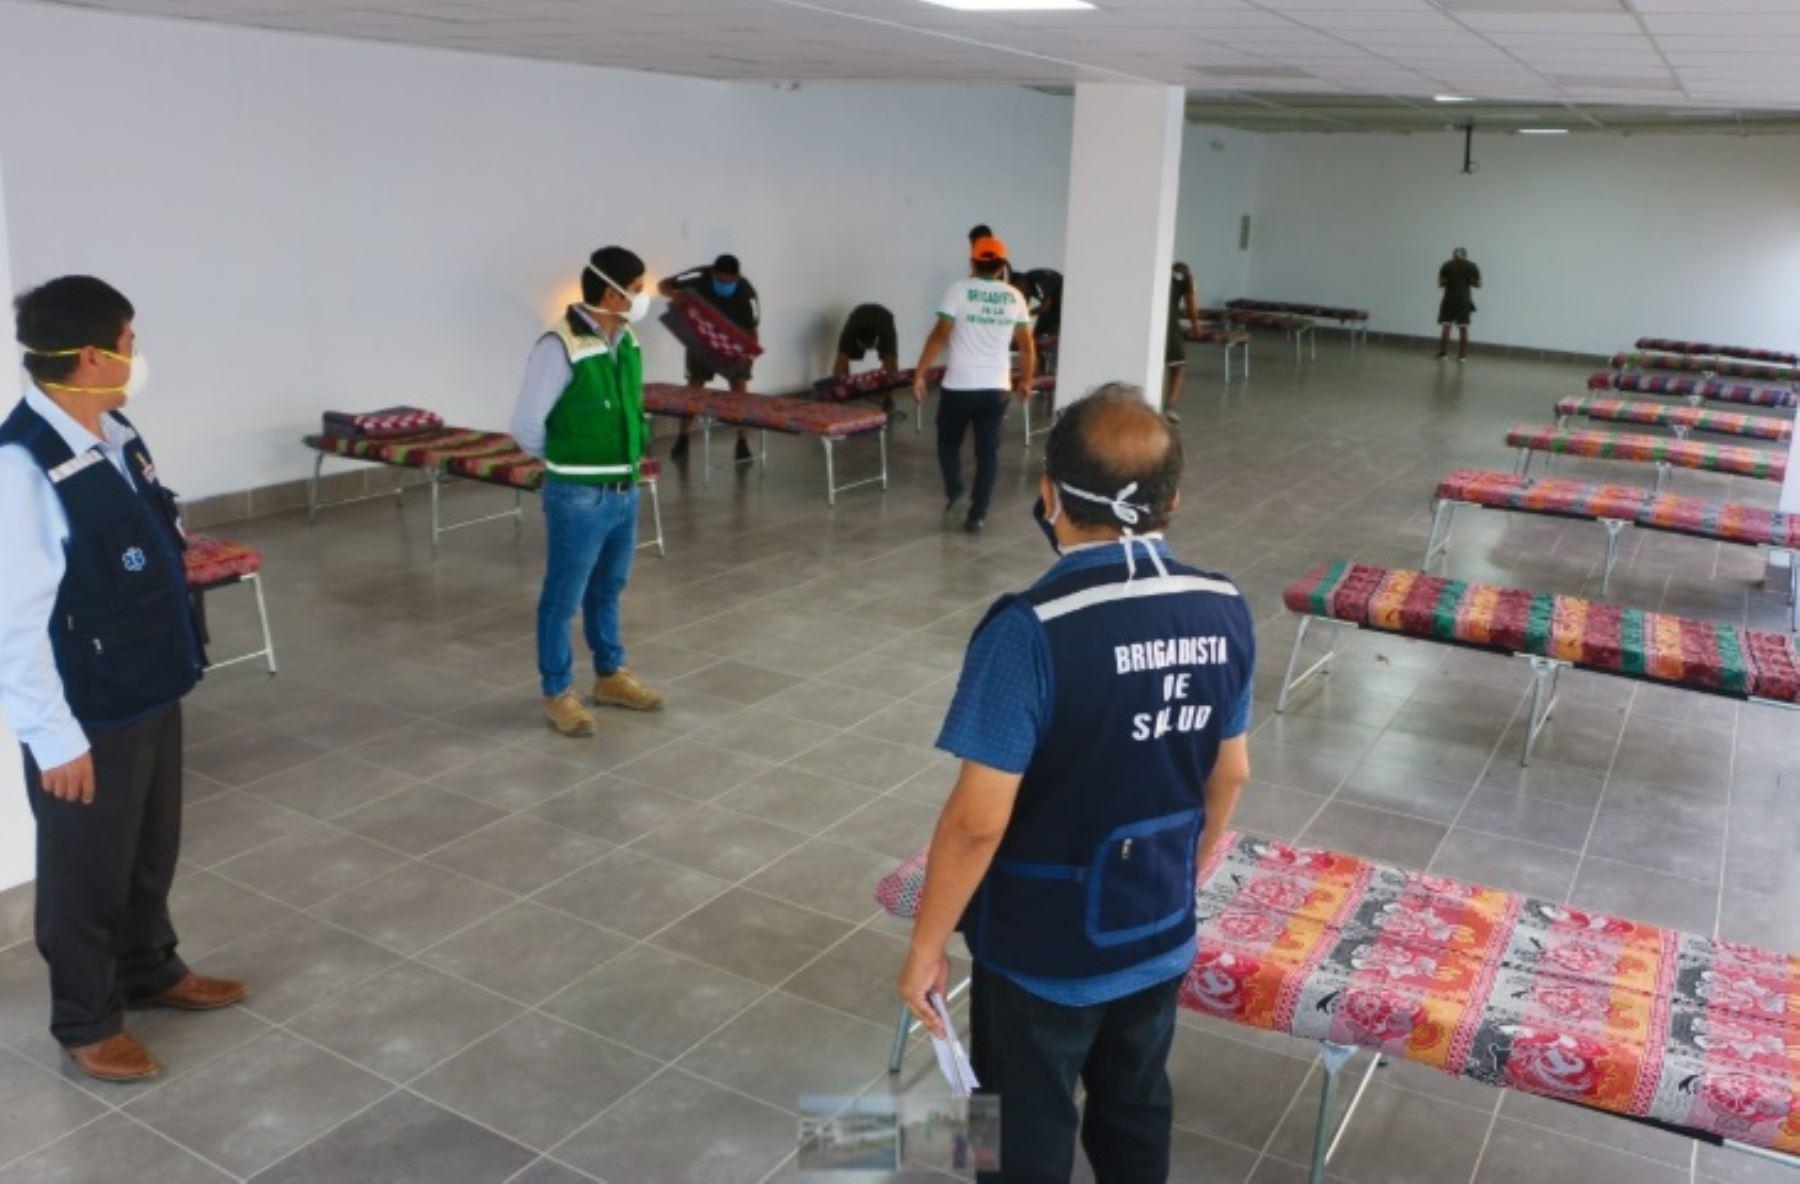 Desde hoy empezó a operar como centro de aislamiento para pacientes covid-19 el local cedido por el Comité Nacional de Administración del Fondo para la Construcción de Viviendas y Centros Recreacionales para los Trabajadores en Construcción Civil del Perú (Conafovicer) en Hualmay, provincia de Huaura.